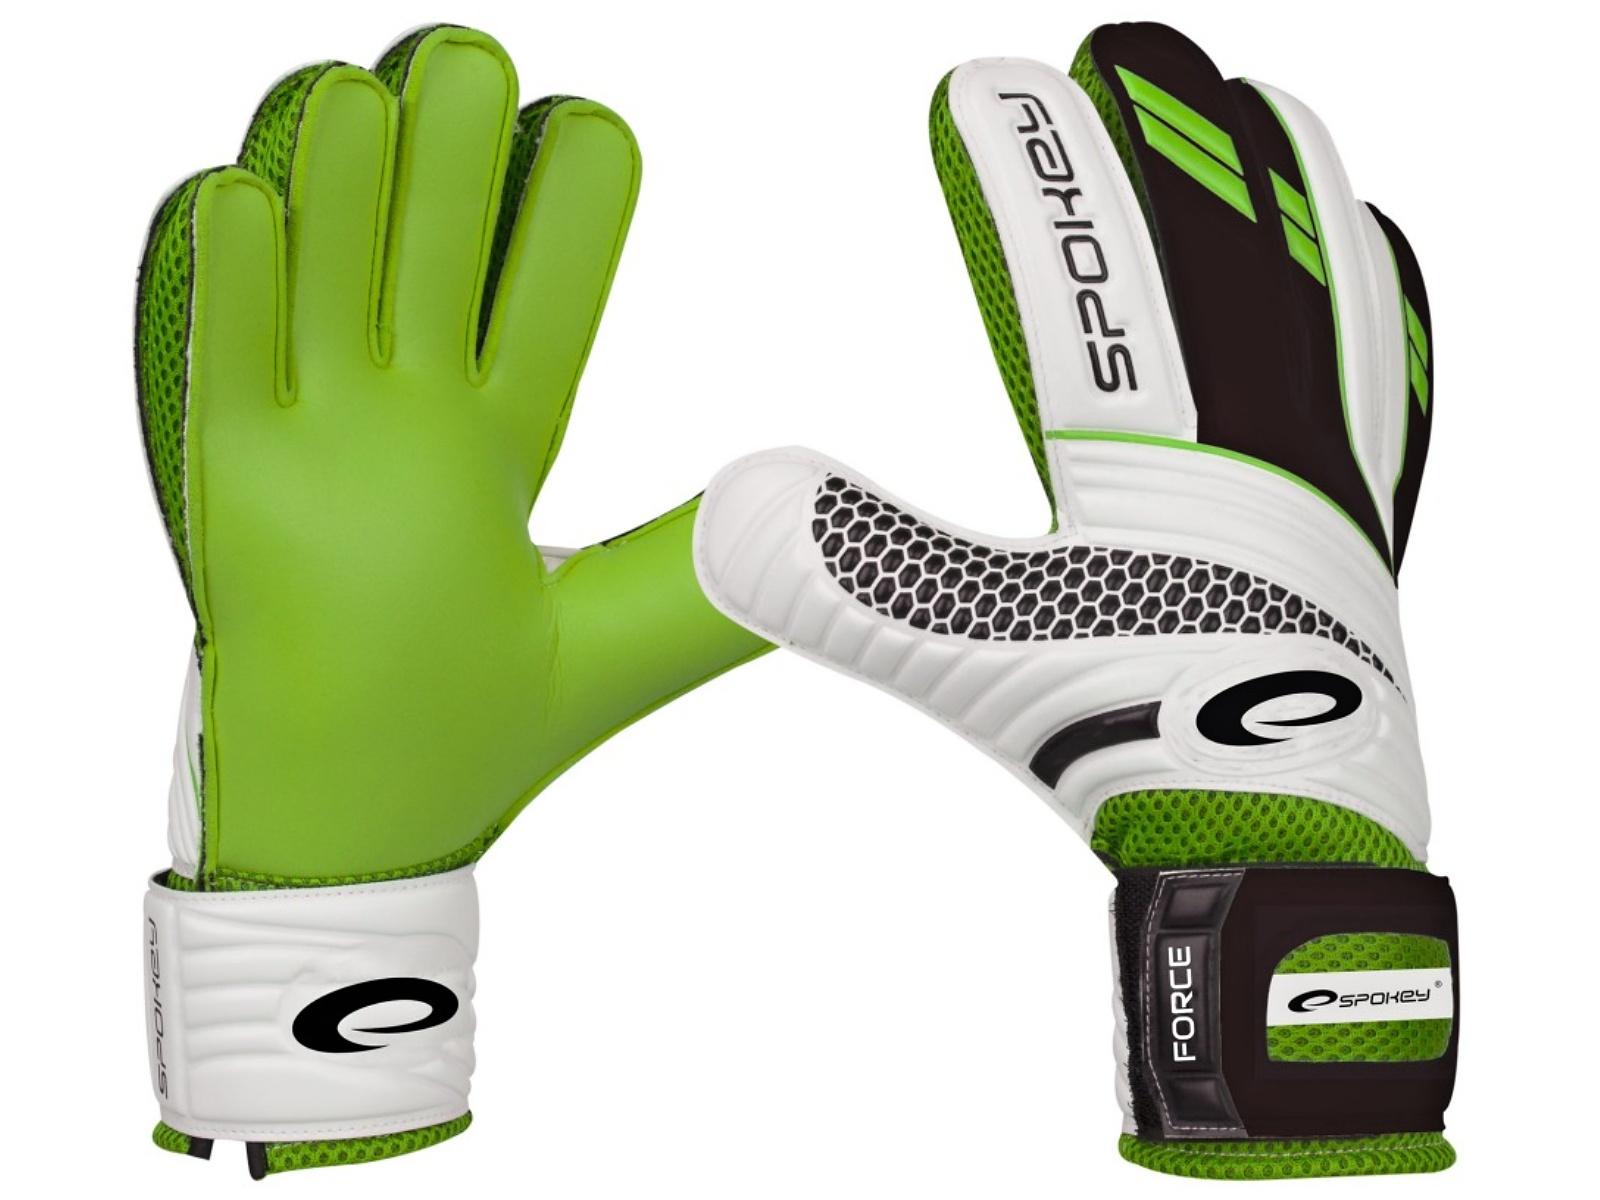 Brankářské rukavice SPOKEY Force 8 zelené